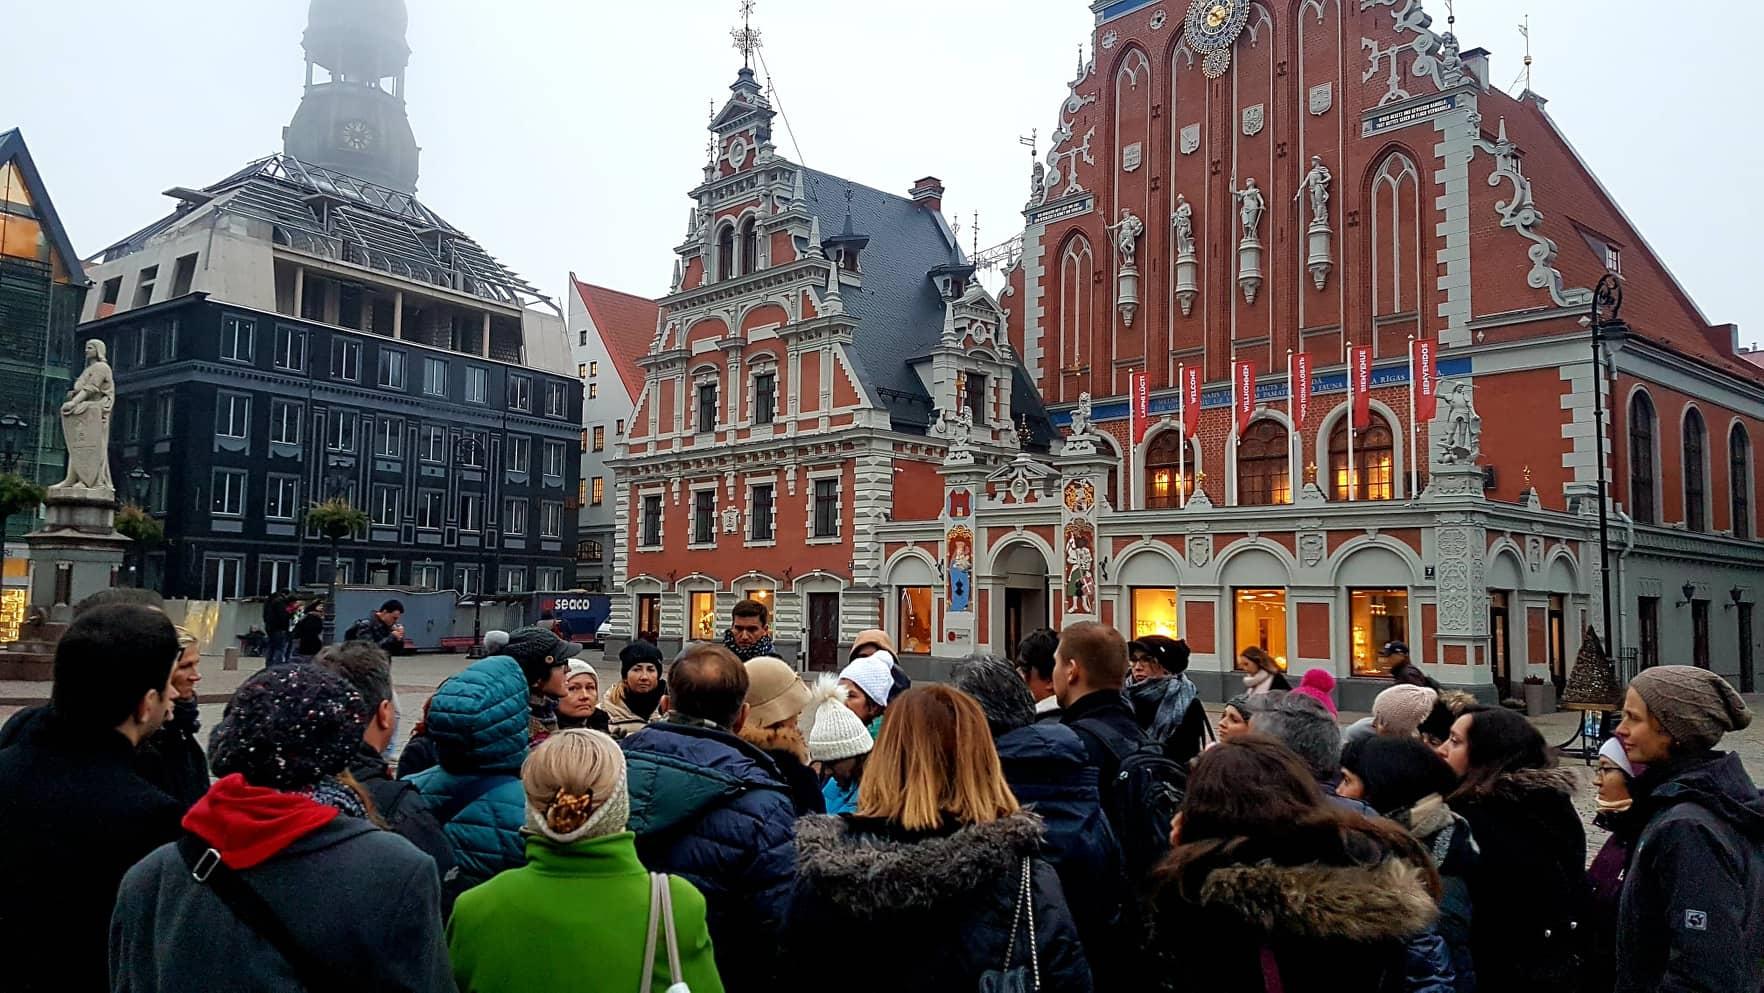 Photo prise dans la ville de Riga en Lettonie. Il y a des bâtiments avec une devanture typique art nouveau.